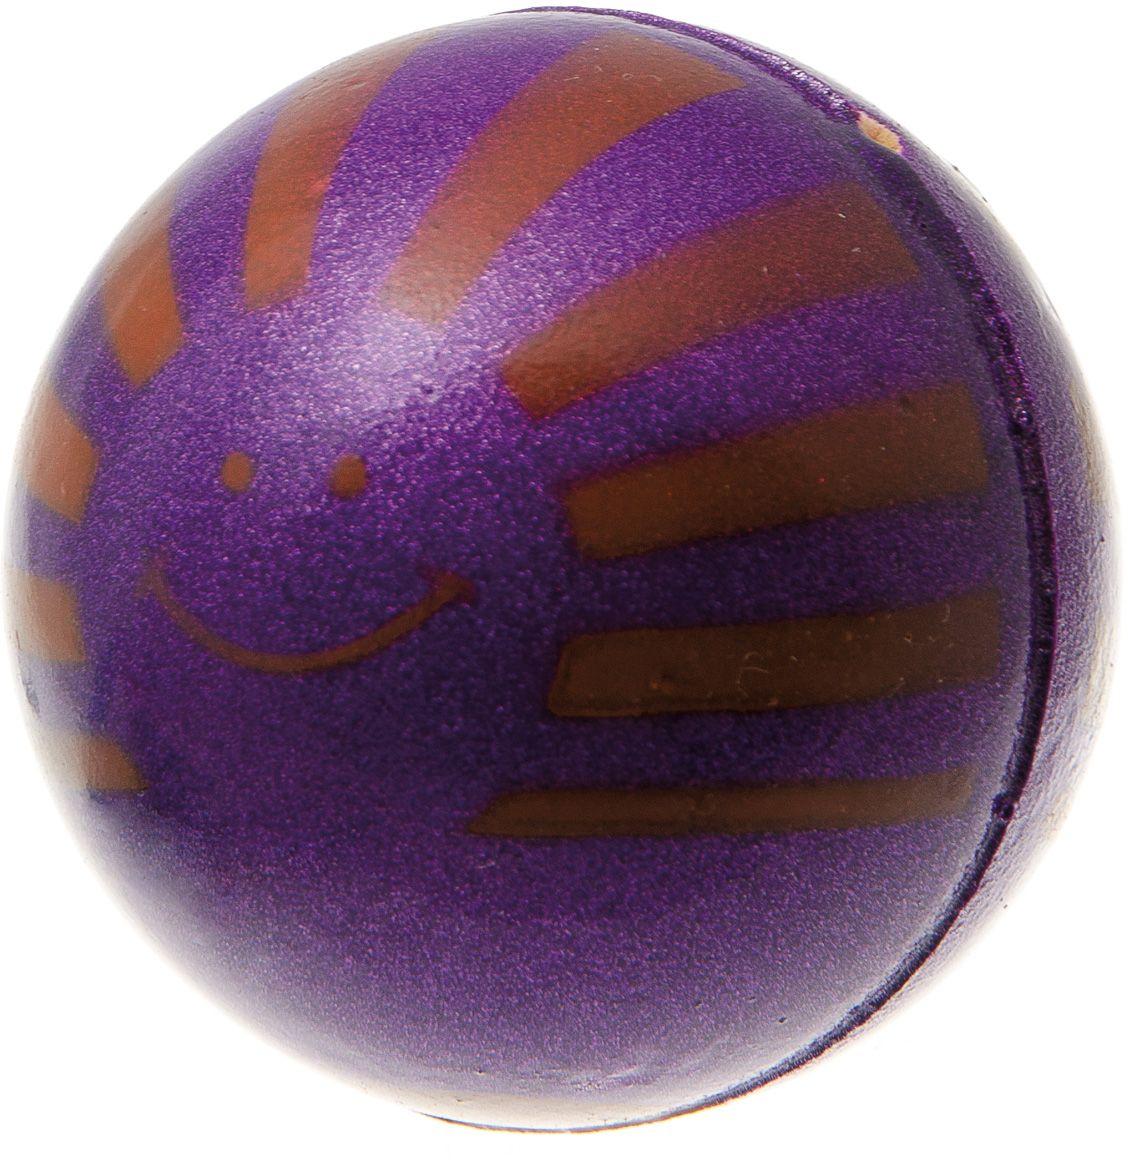 Мяч V.I.Pet Солнце, цвет: фиолетовый, диаметр 63 мм. 20-111820-1118Предназначен для игр, тренировок и активного отдыха с животными. Мяч заинтересует и увлечёт вашего питомца. Сделана из абсолютно безопасного и качественного материала. Материал: вспененная резина.